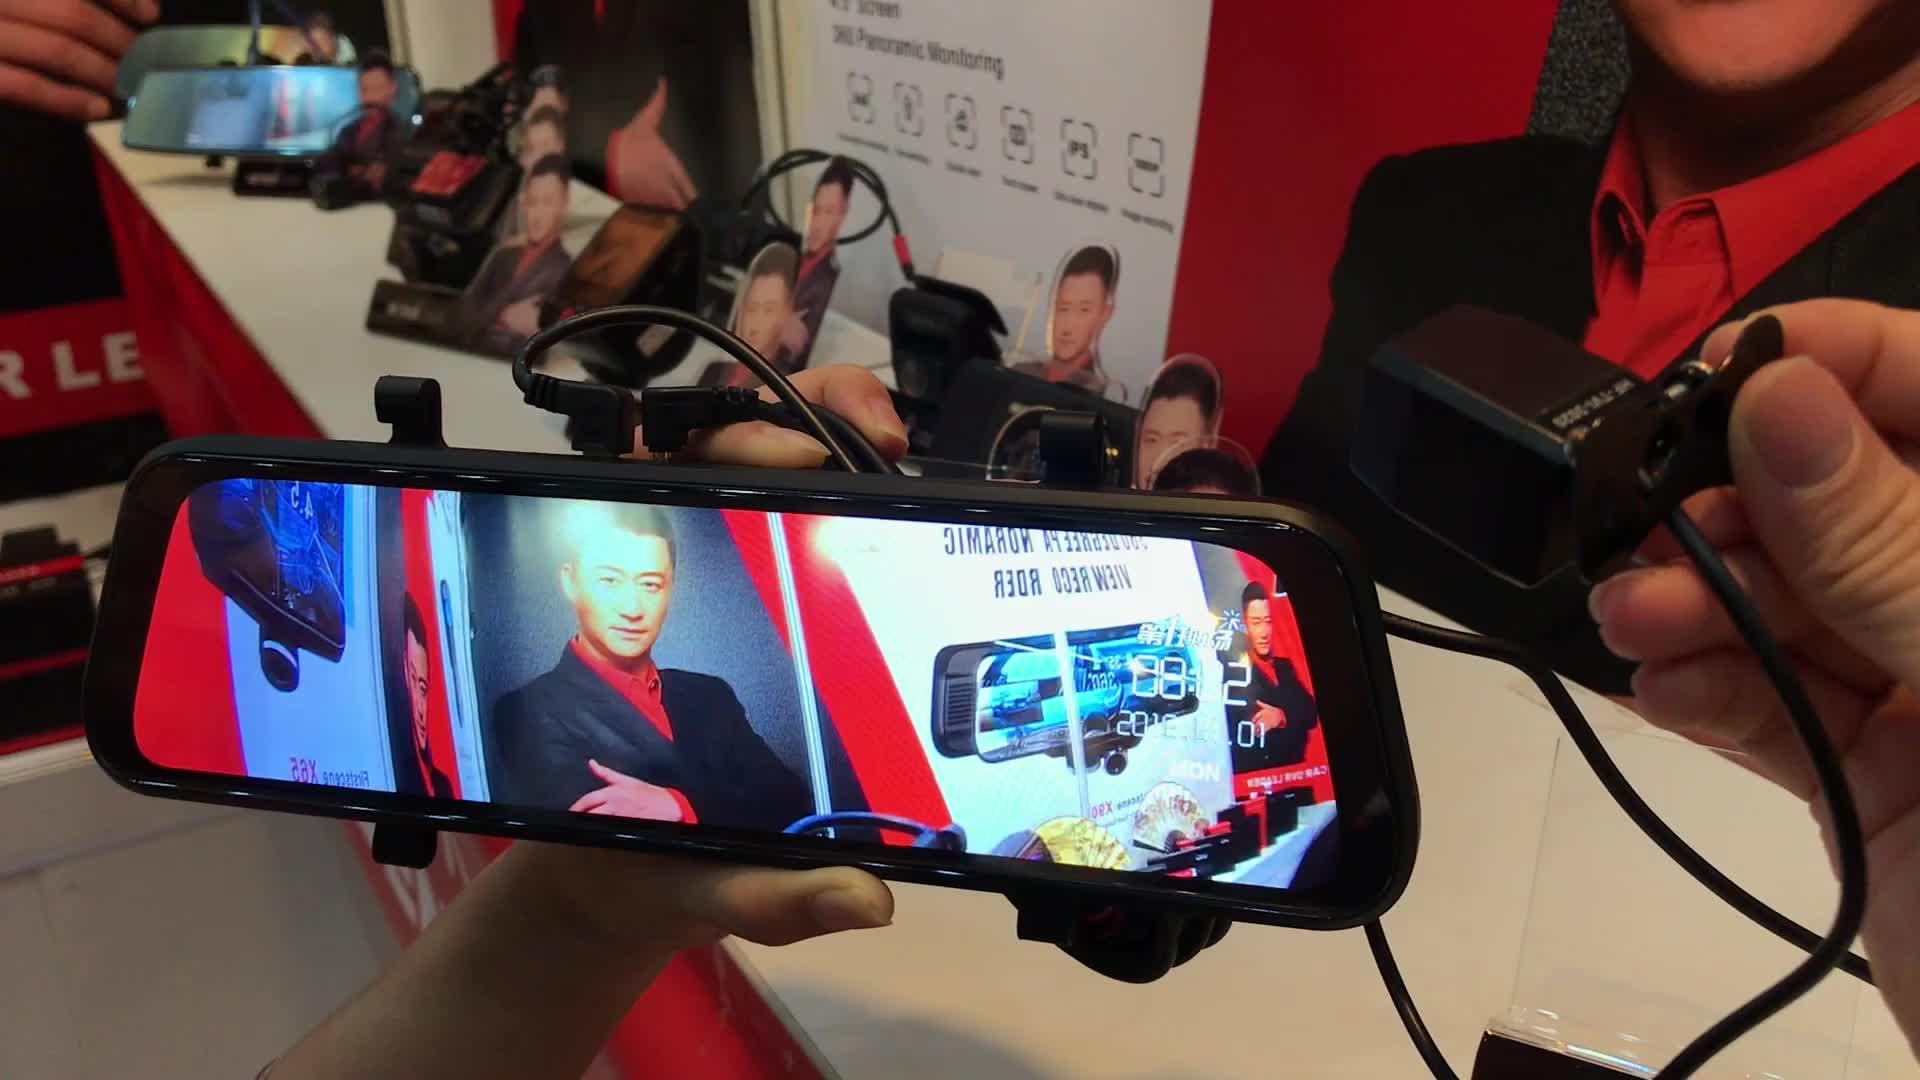 ホットな Firstscene V3 ADAS 10 インチメディア Dashcam ストリーミング時間経過記録